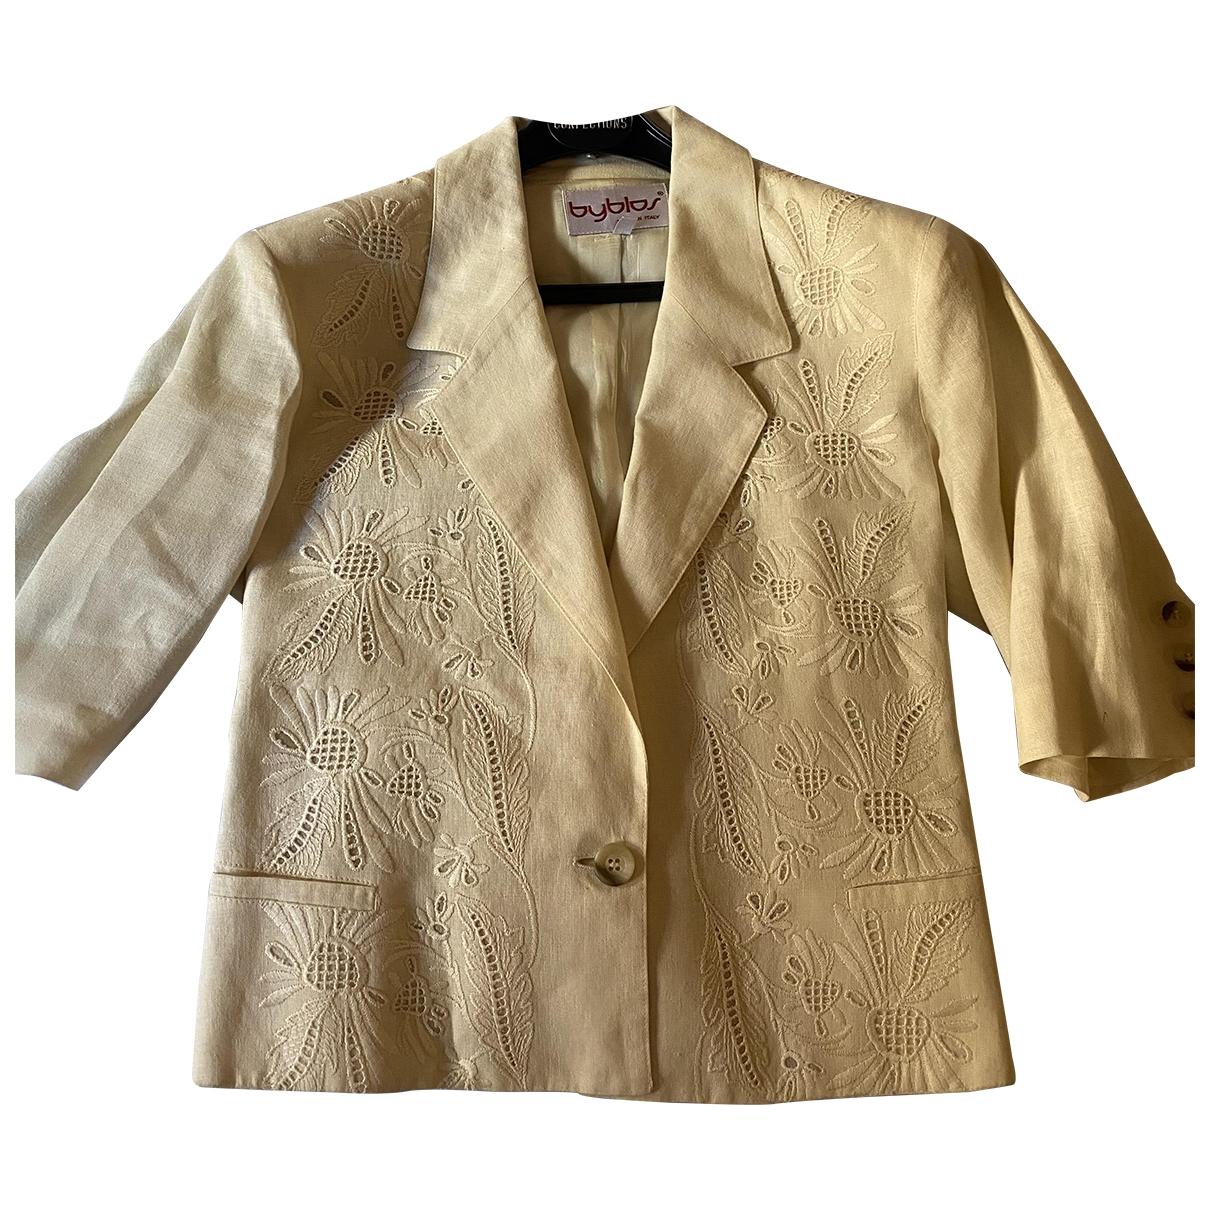 Byblos \N Beige Linen jacket for Women 44 IT